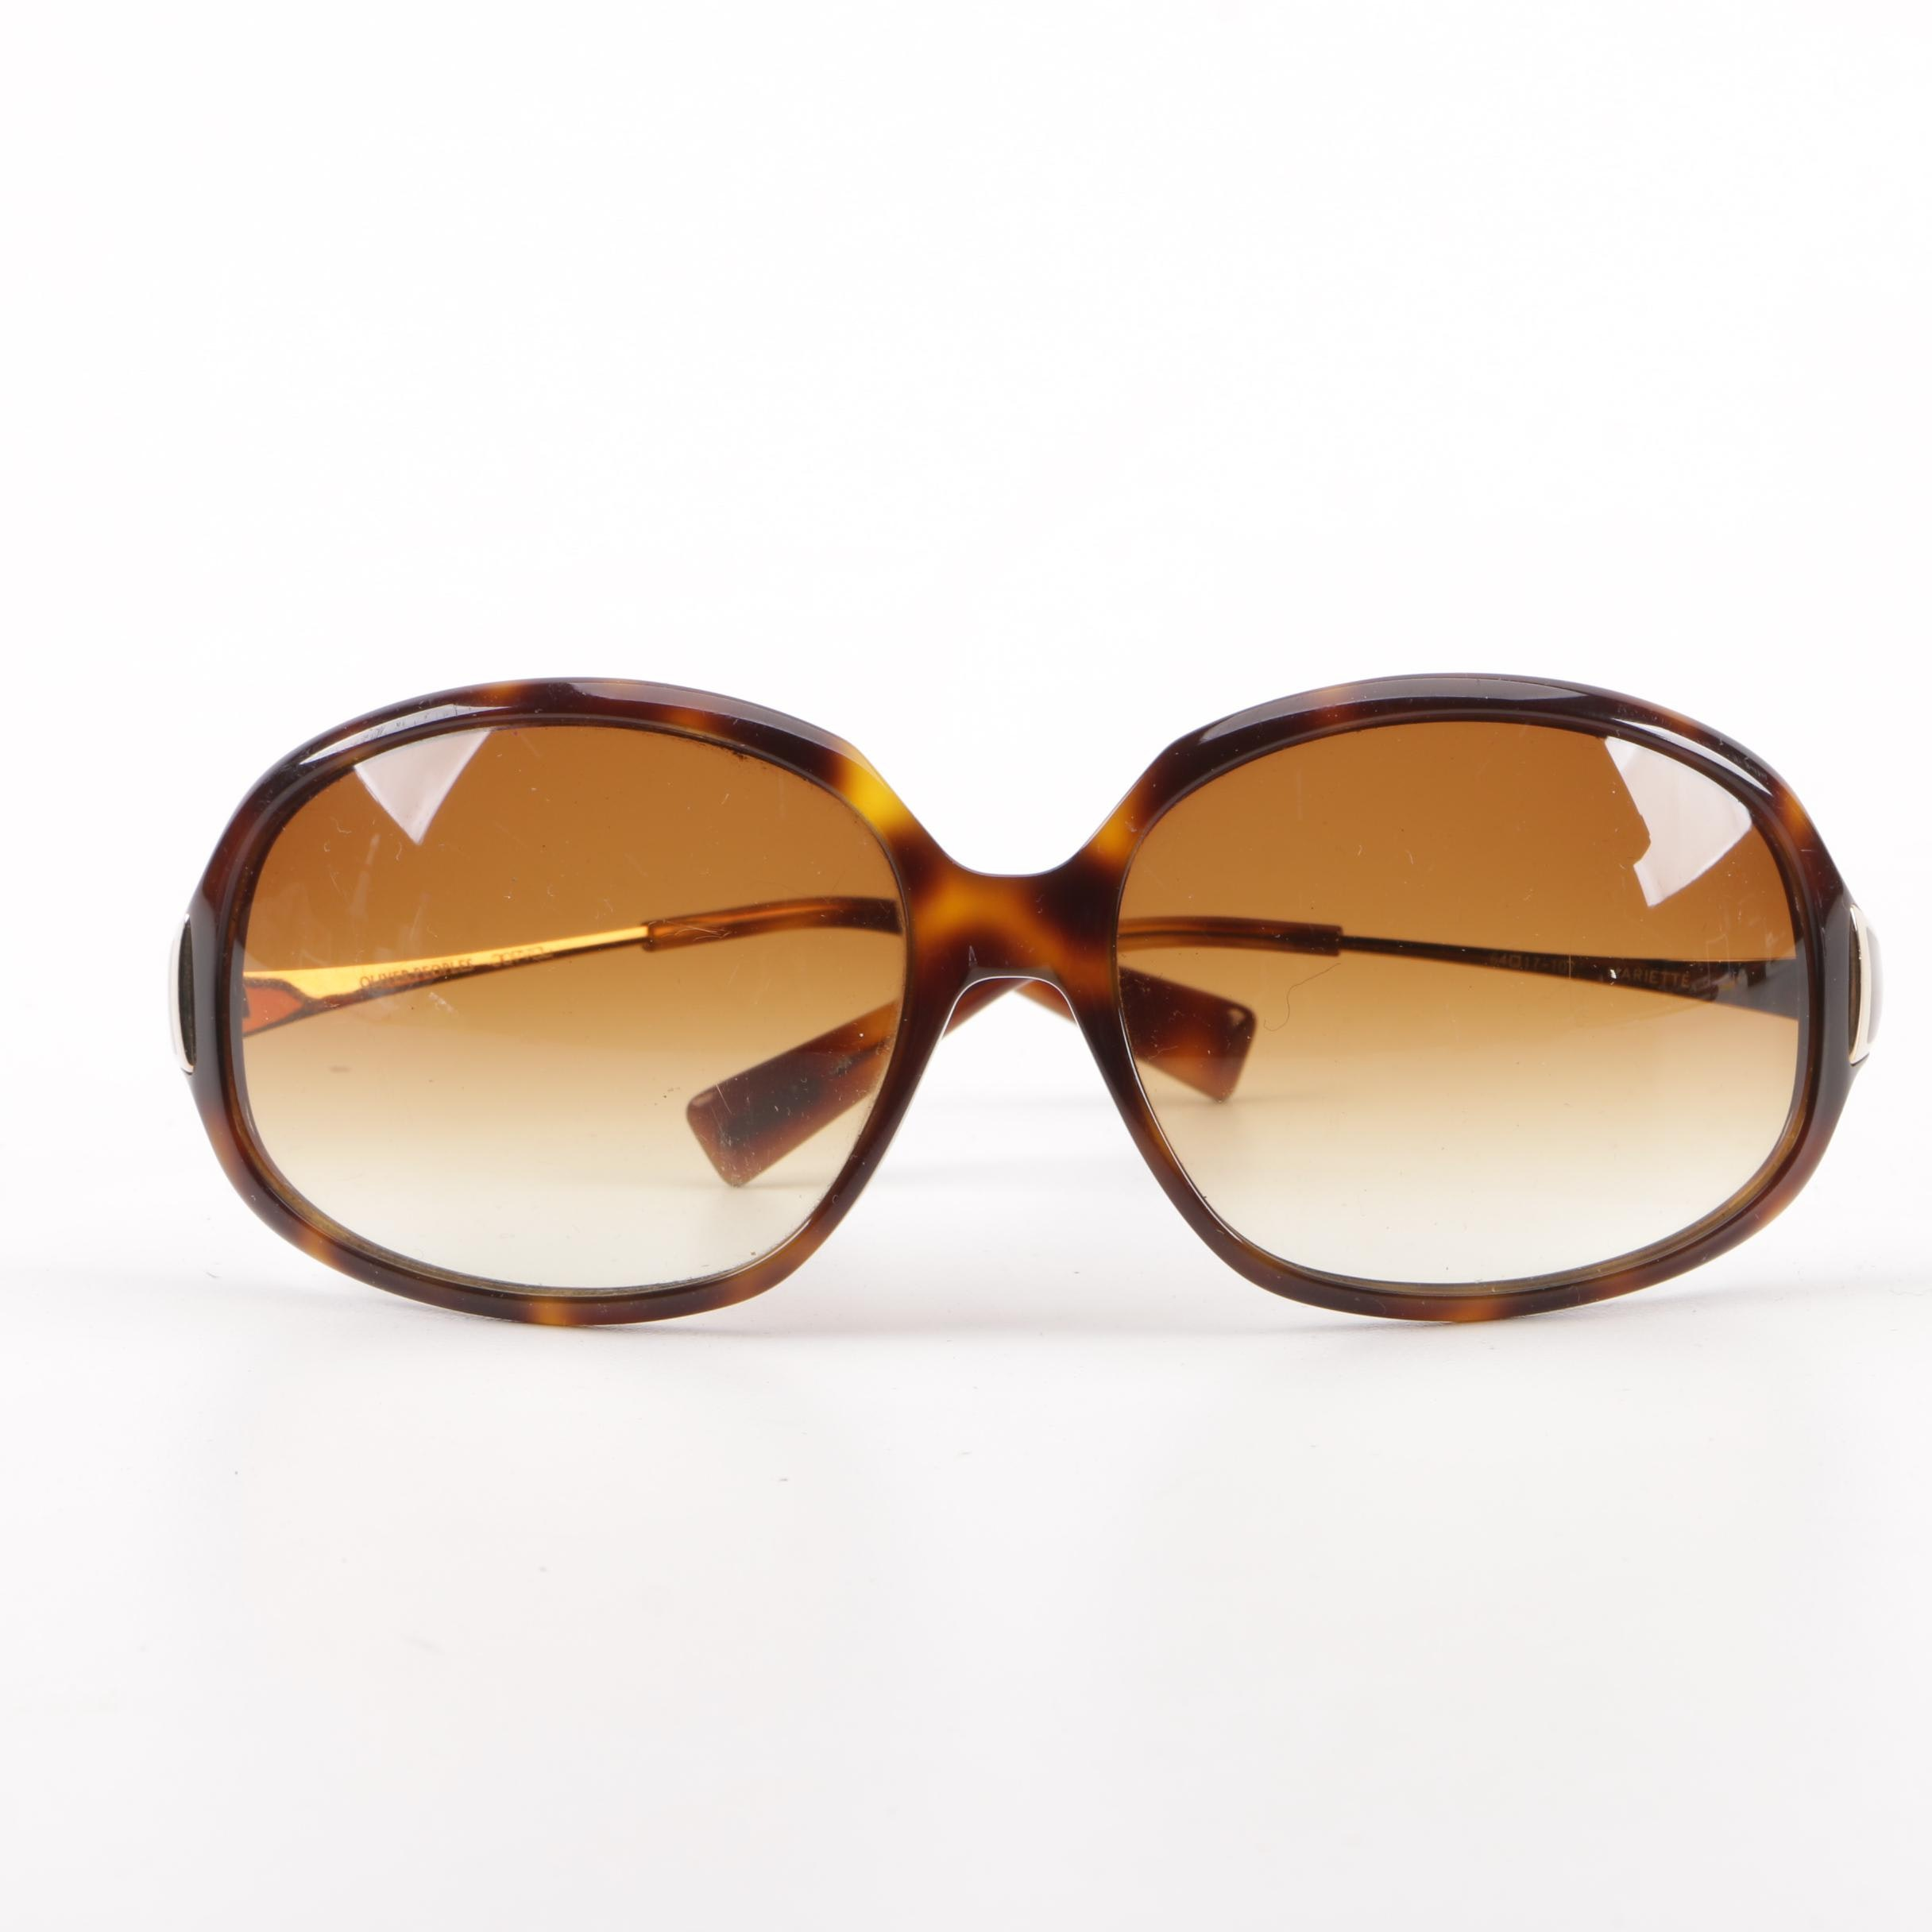 1980s Vintage Oliver Peoples Mariette Tortoiseshell-Style Sunglasses